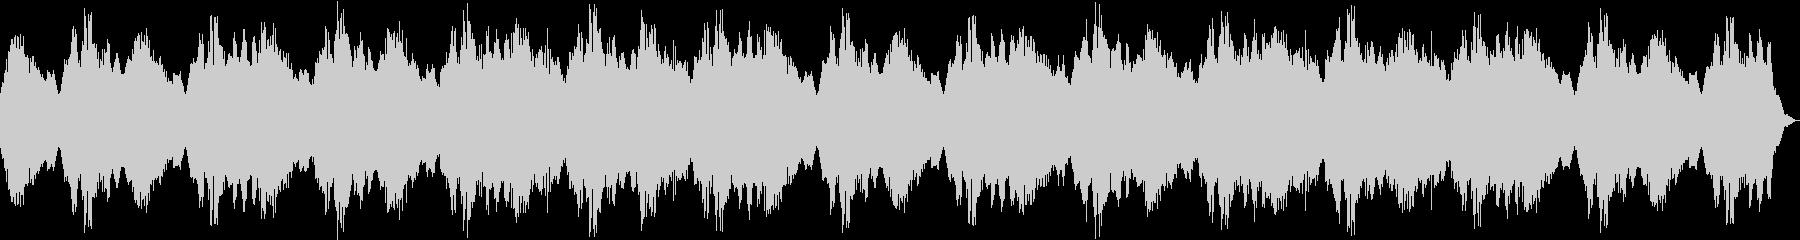 免疫力を高めてくれる安らぎ音楽の未再生の波形